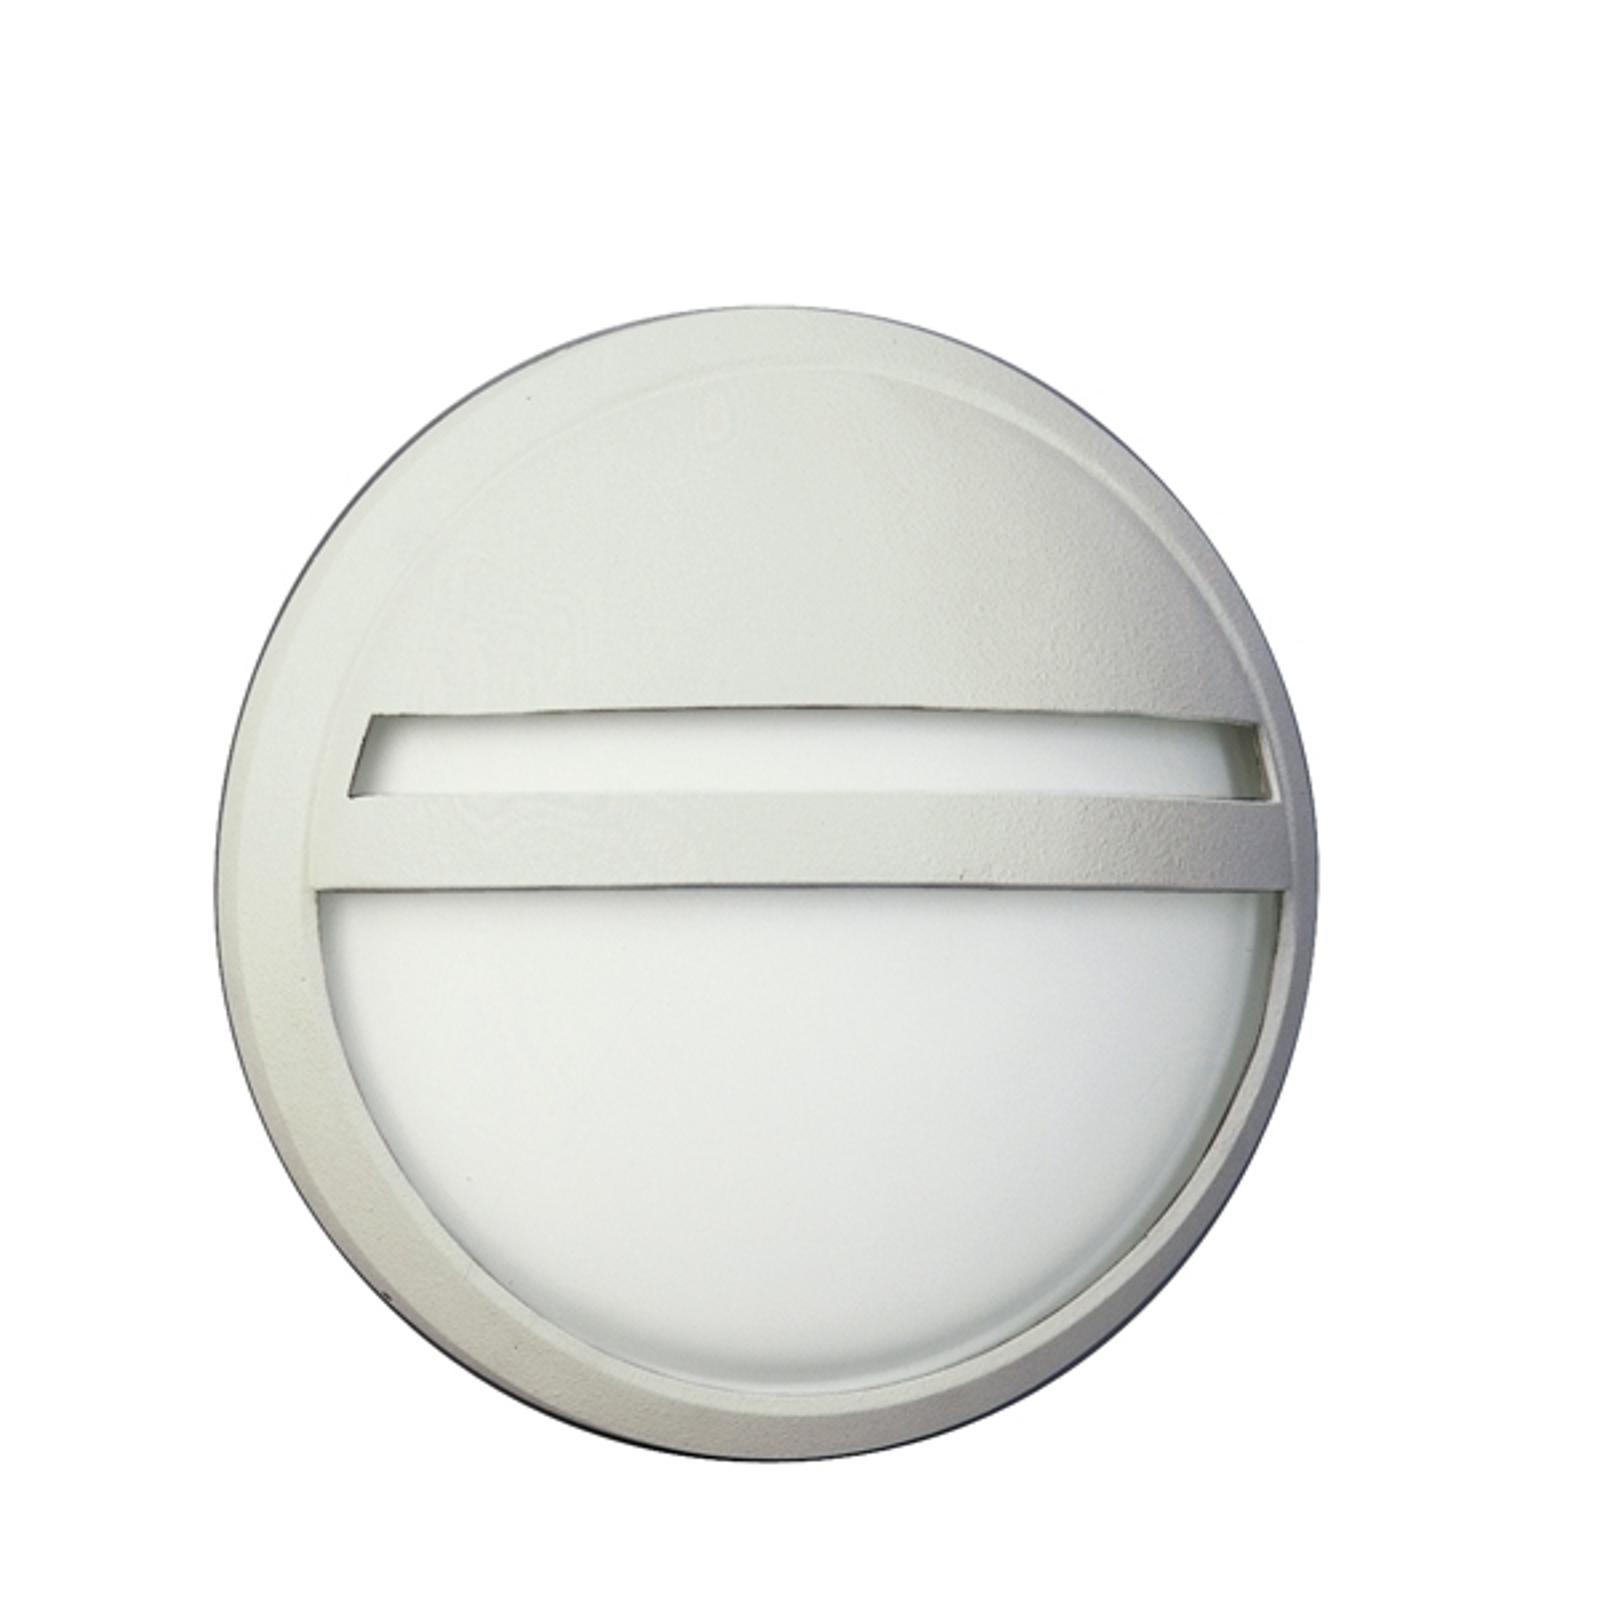 Zewnętrzna lampa sufitowa - ścienna 305 W E27